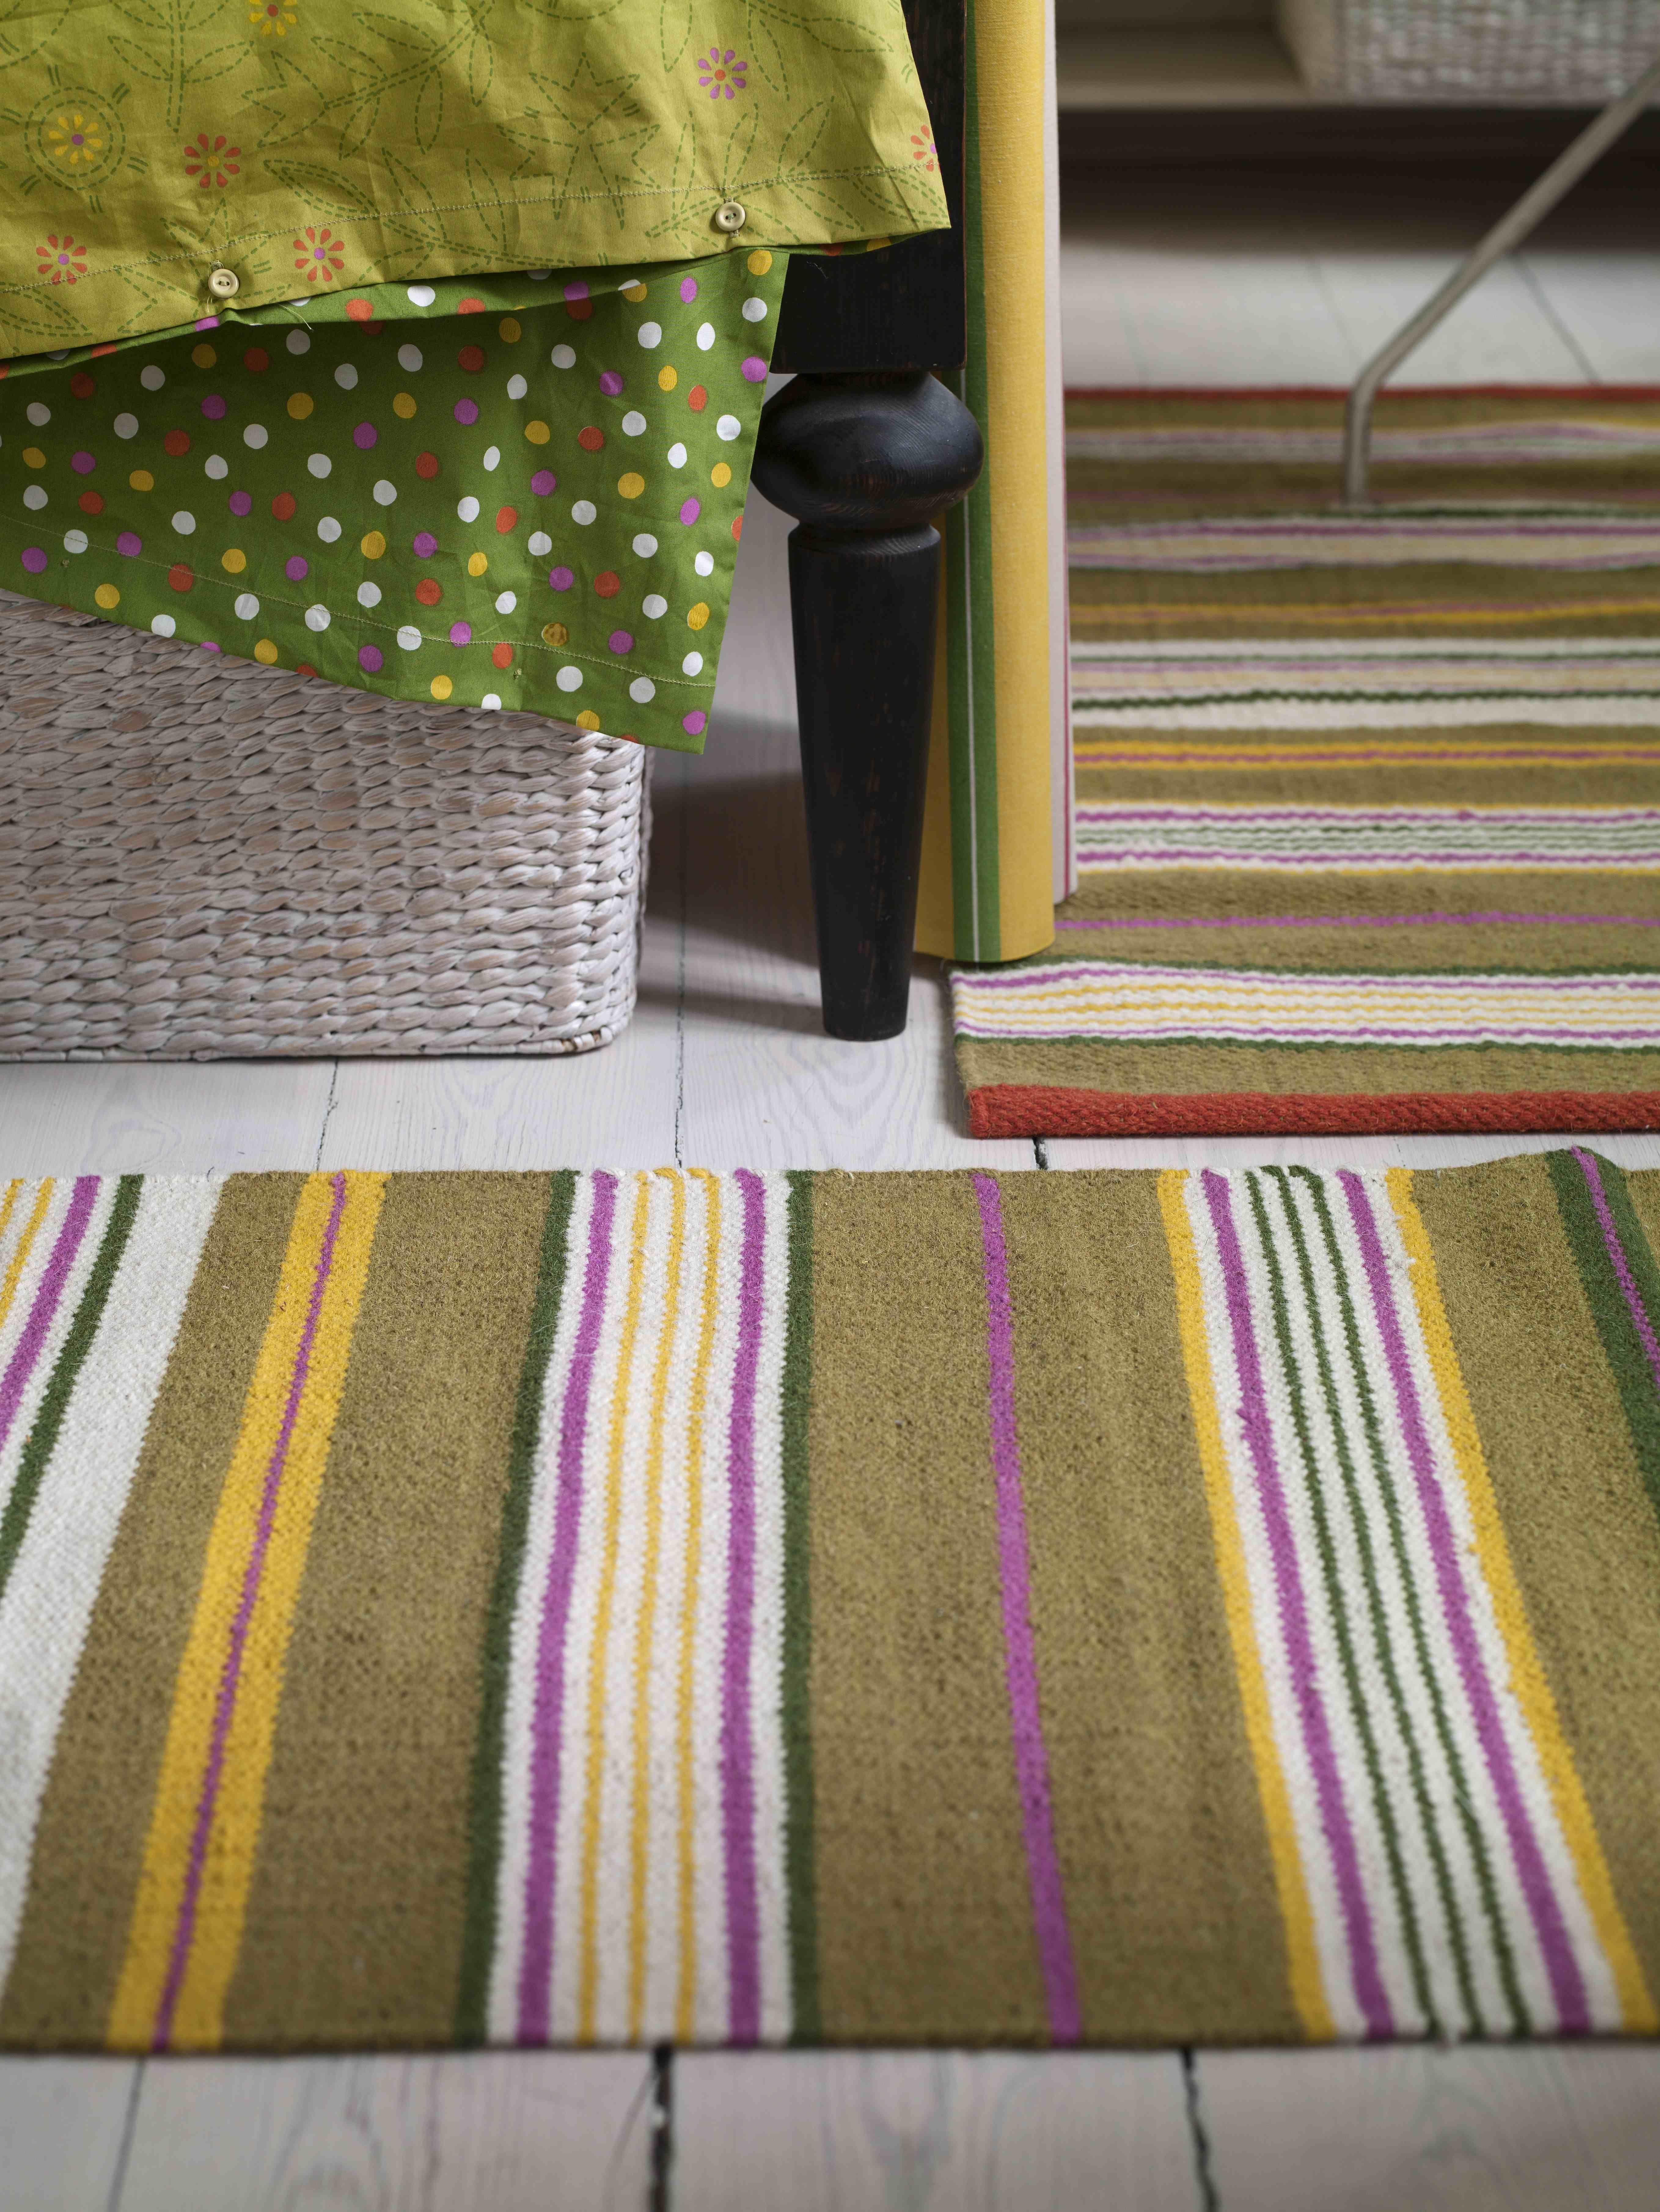 herbst winter 2013 die farbe gr n steht f r harmonie gestreifte teppiche gepunktete kissen. Black Bedroom Furniture Sets. Home Design Ideas